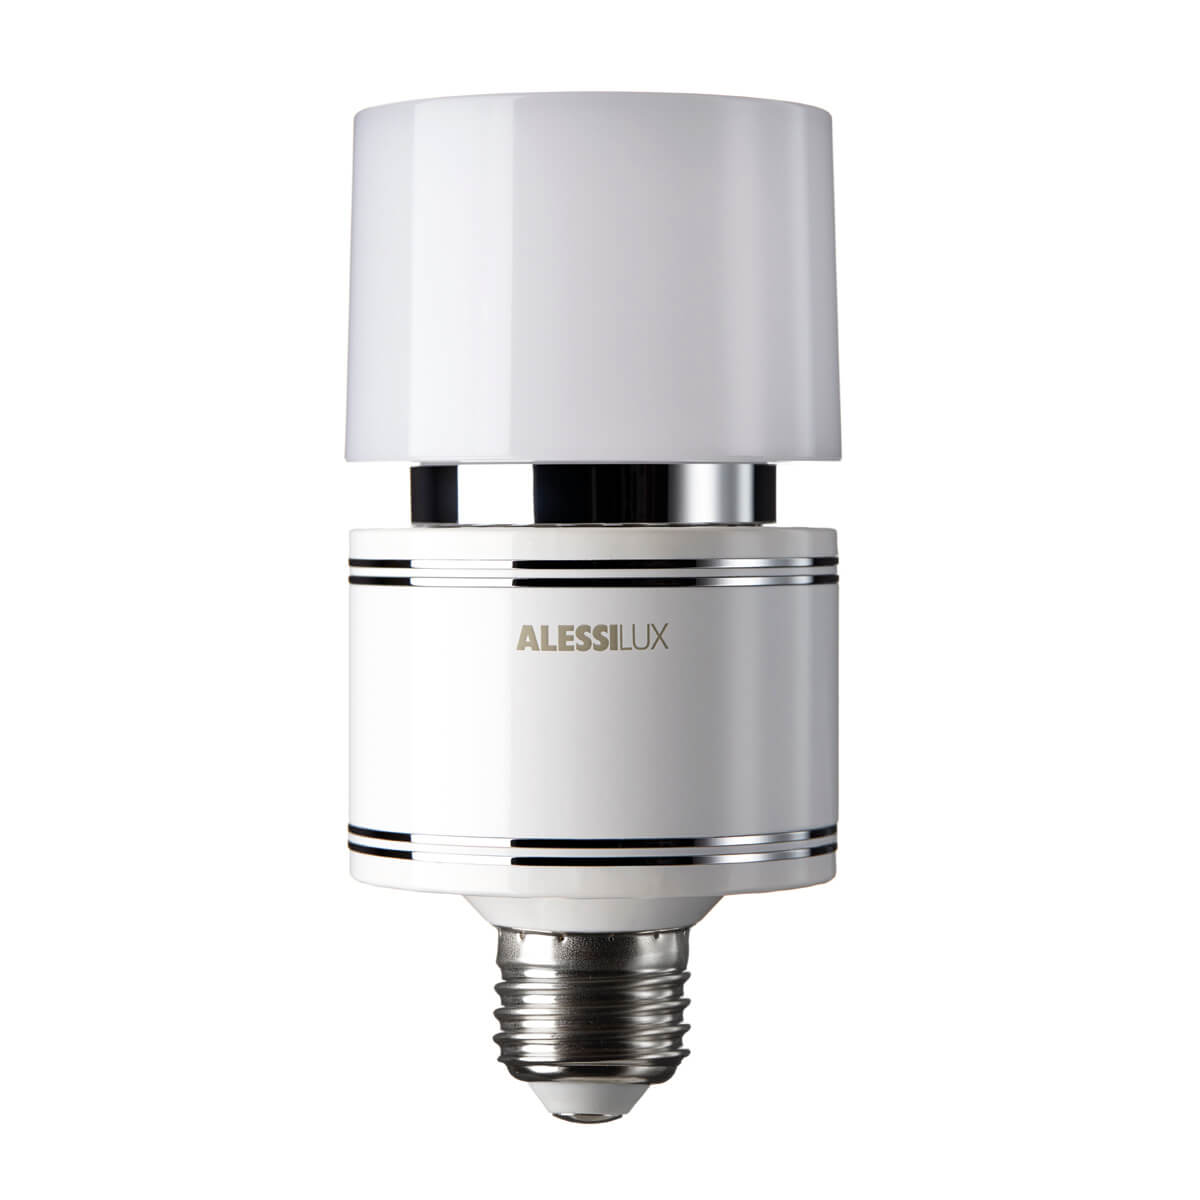 TamTam, LED light bulb for Alessilux